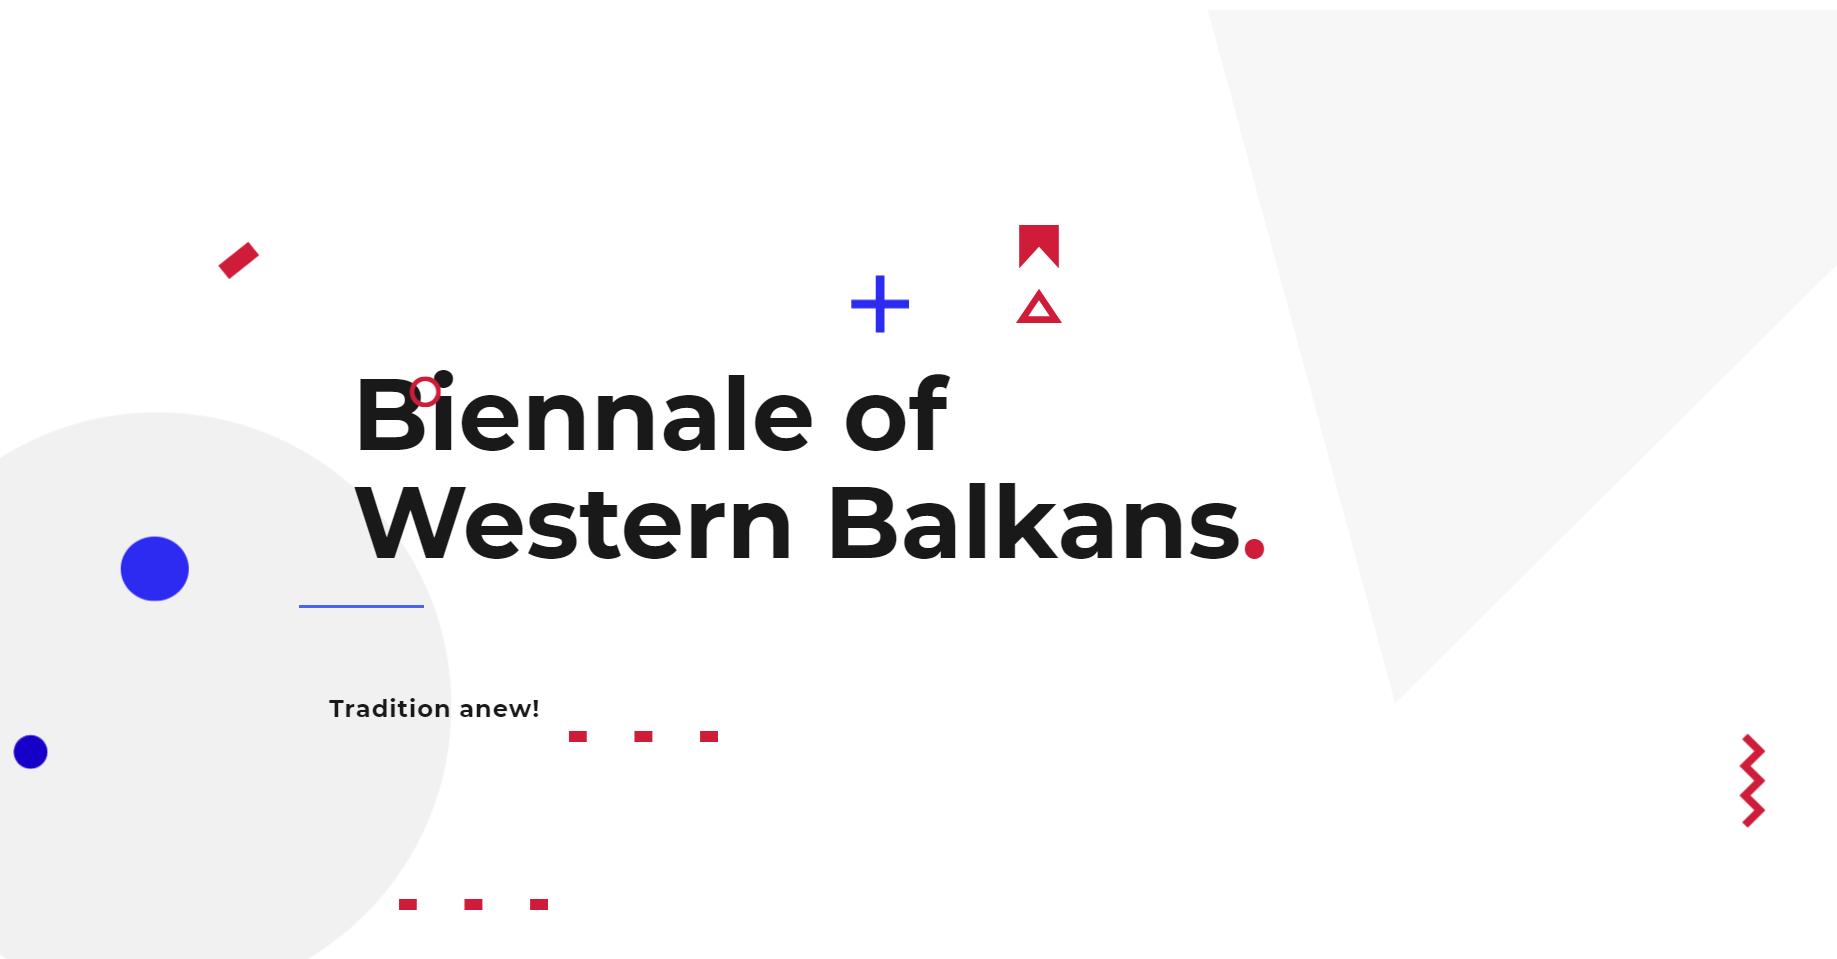 Biennale of Western Balkans 2020